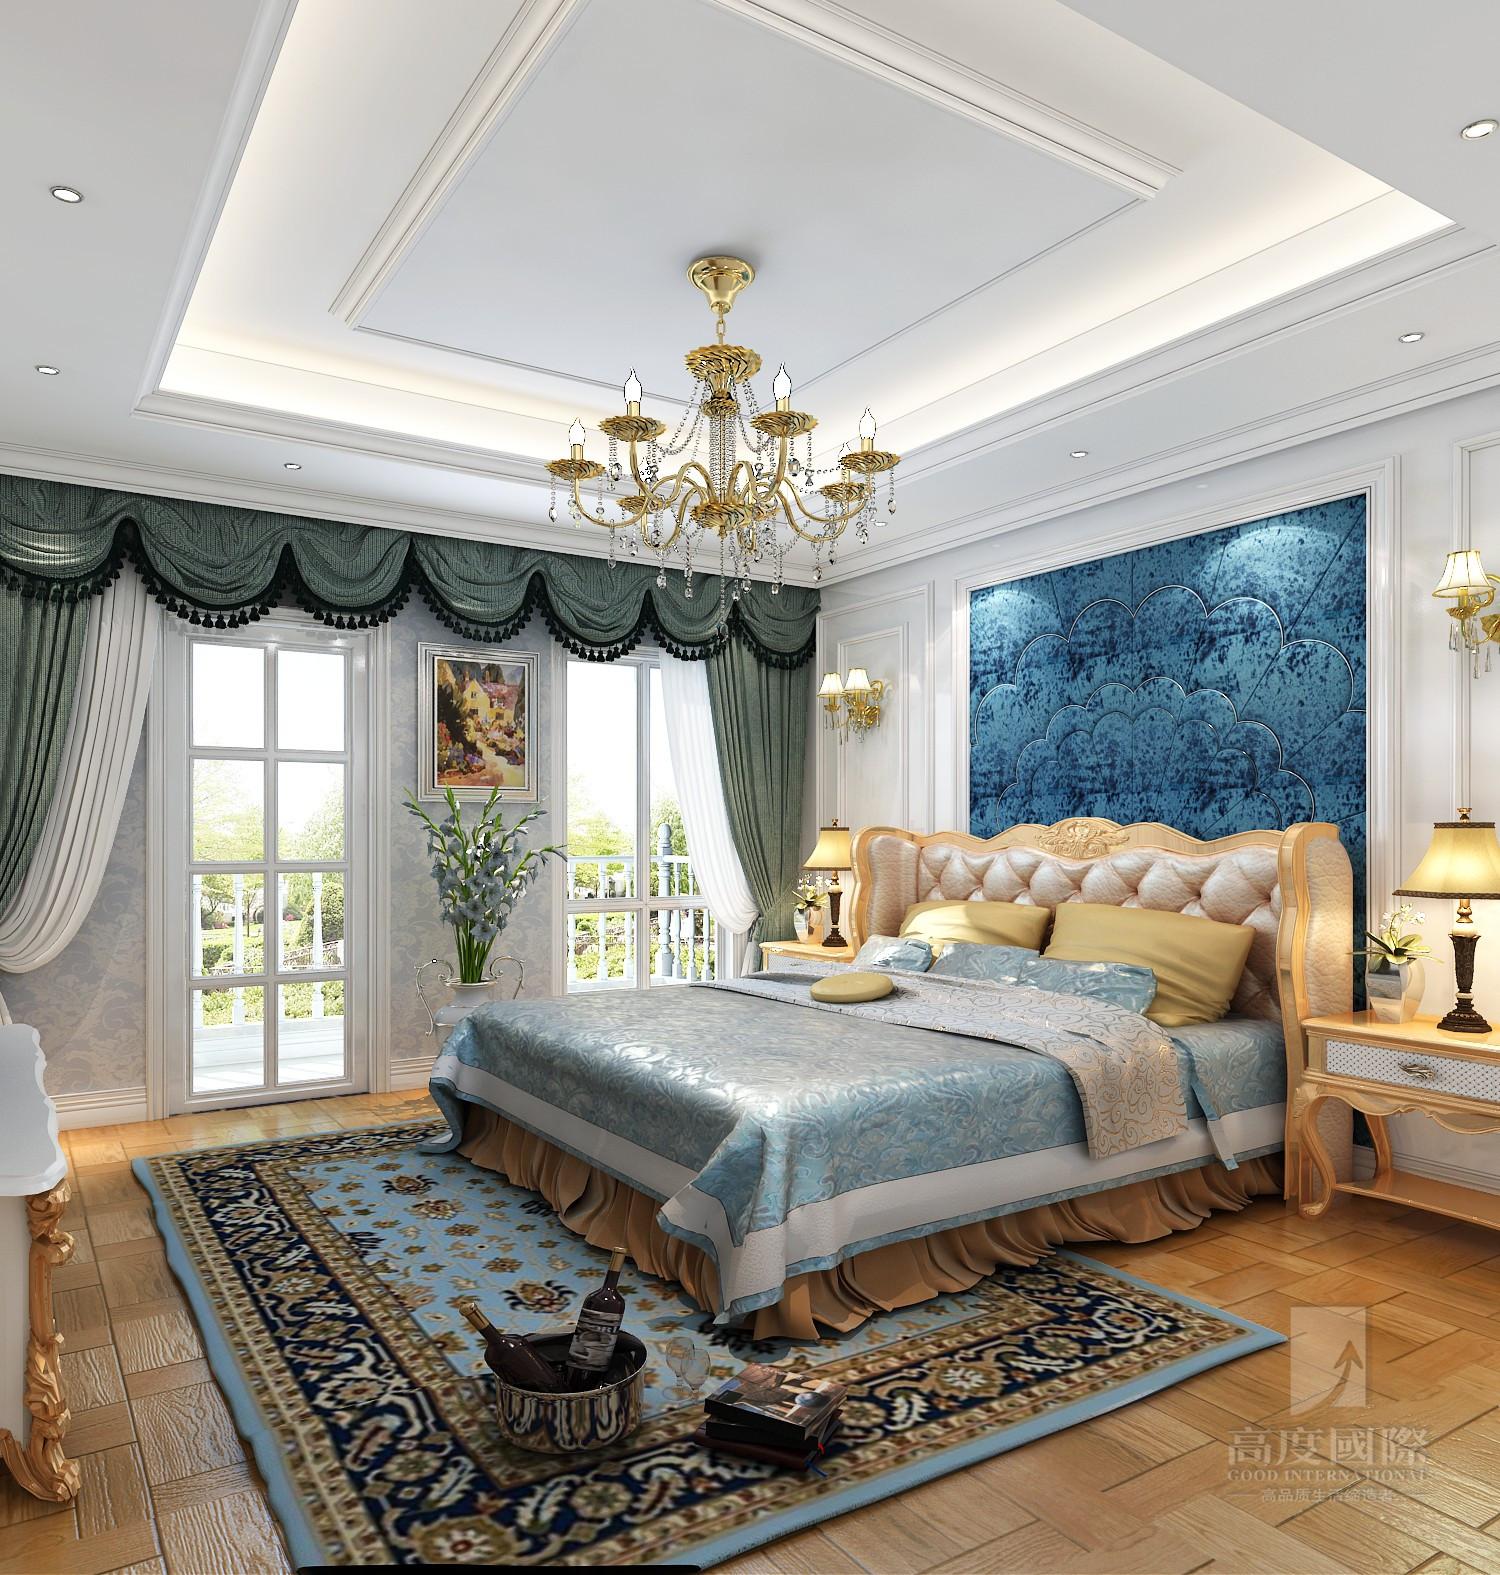 欧式 别墅 高度国际 卧室图片来自杭州别墅装修设计在富春玫瑰园350方别墅欧式风格的分享